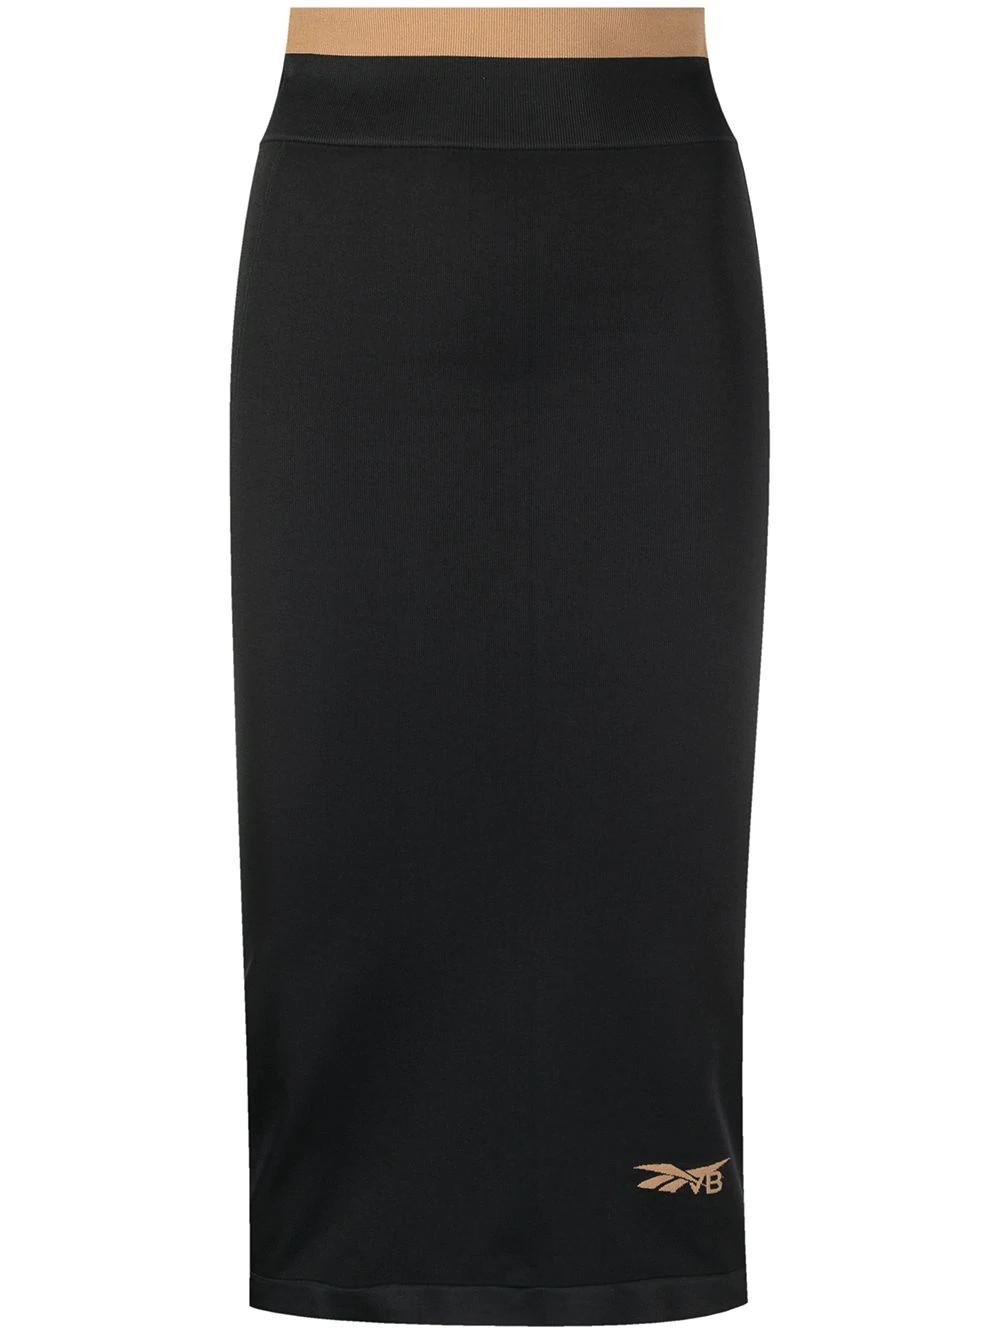 RBK VB Seamless Skirt